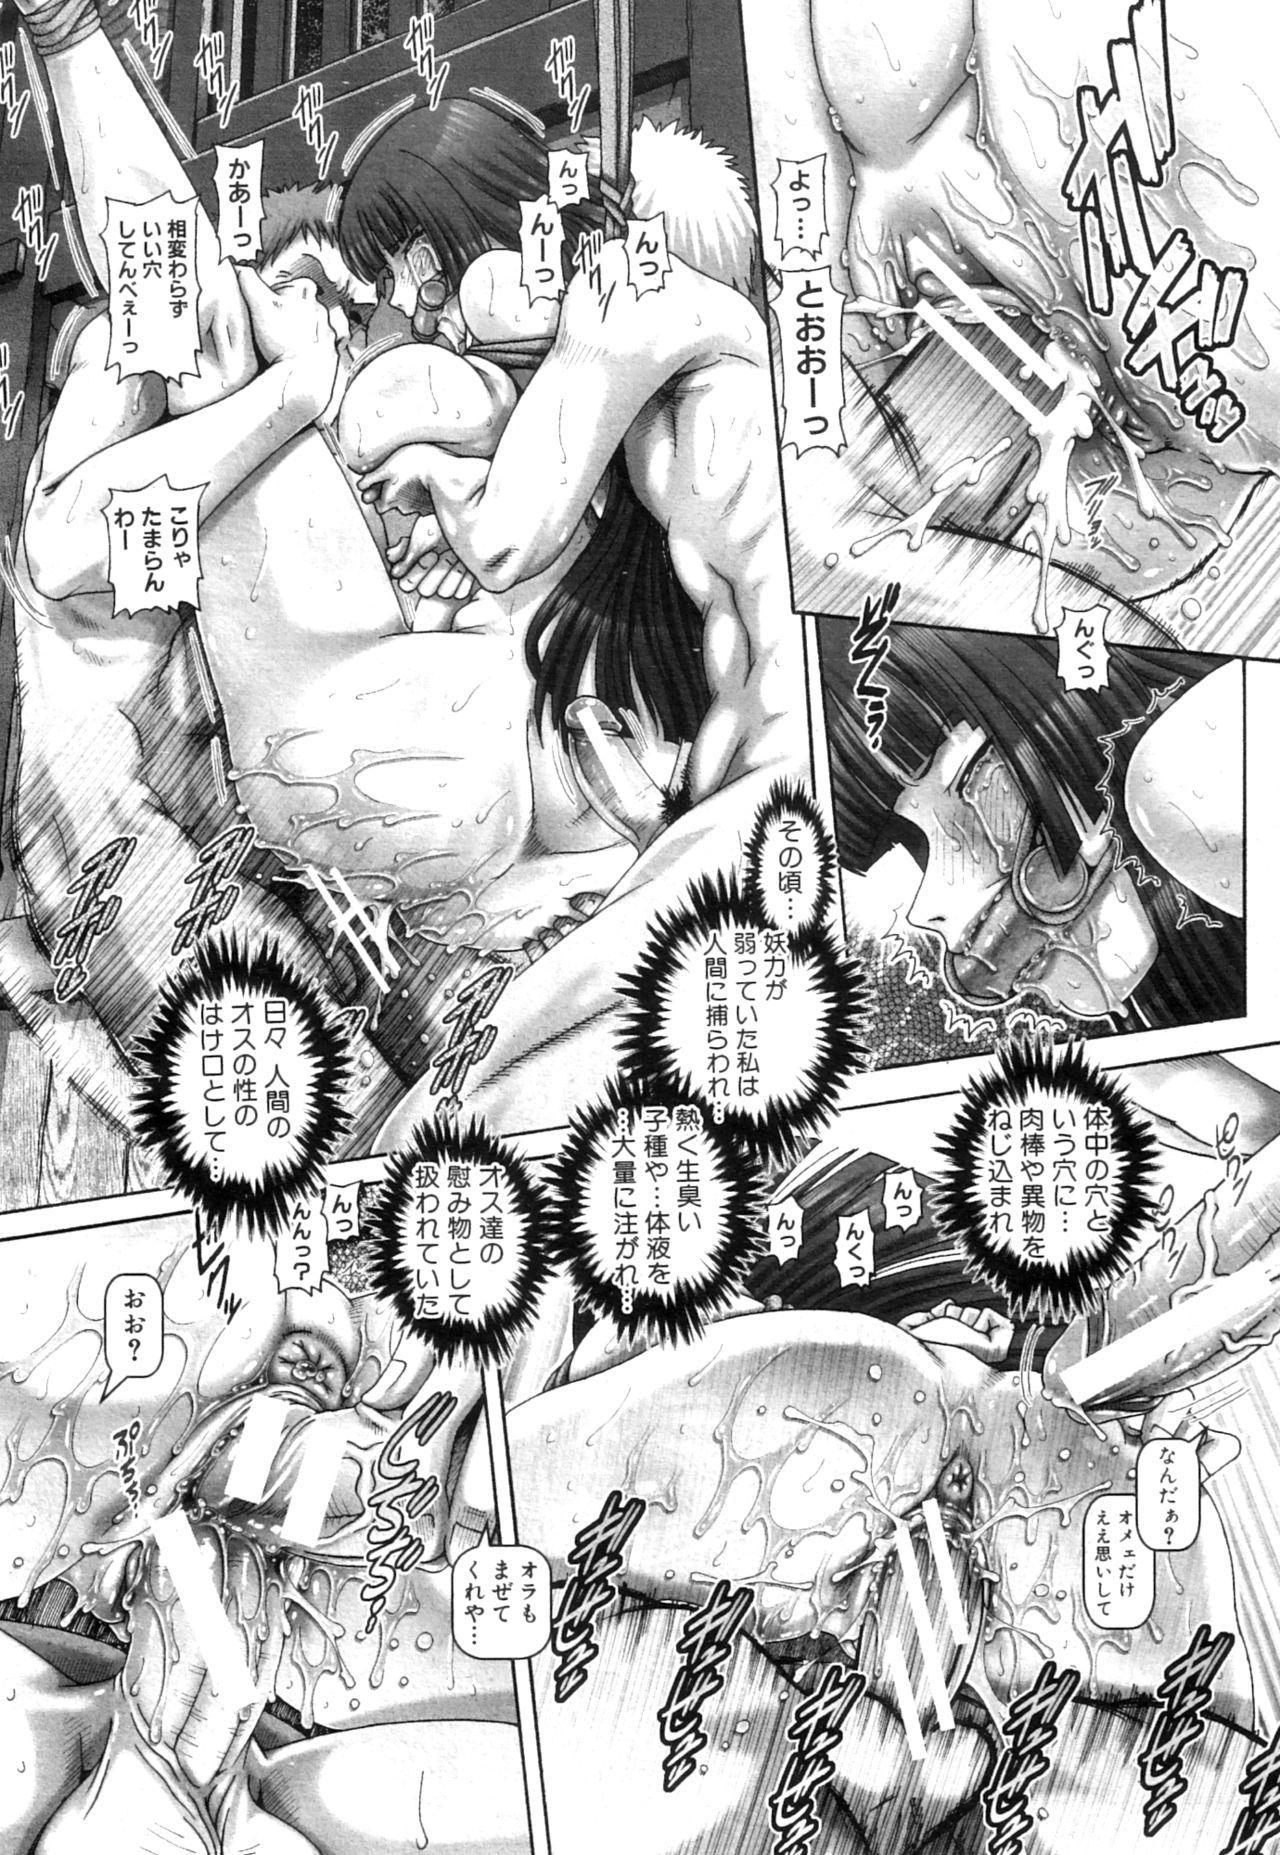 Ayakashiyakata no Tamahime 88